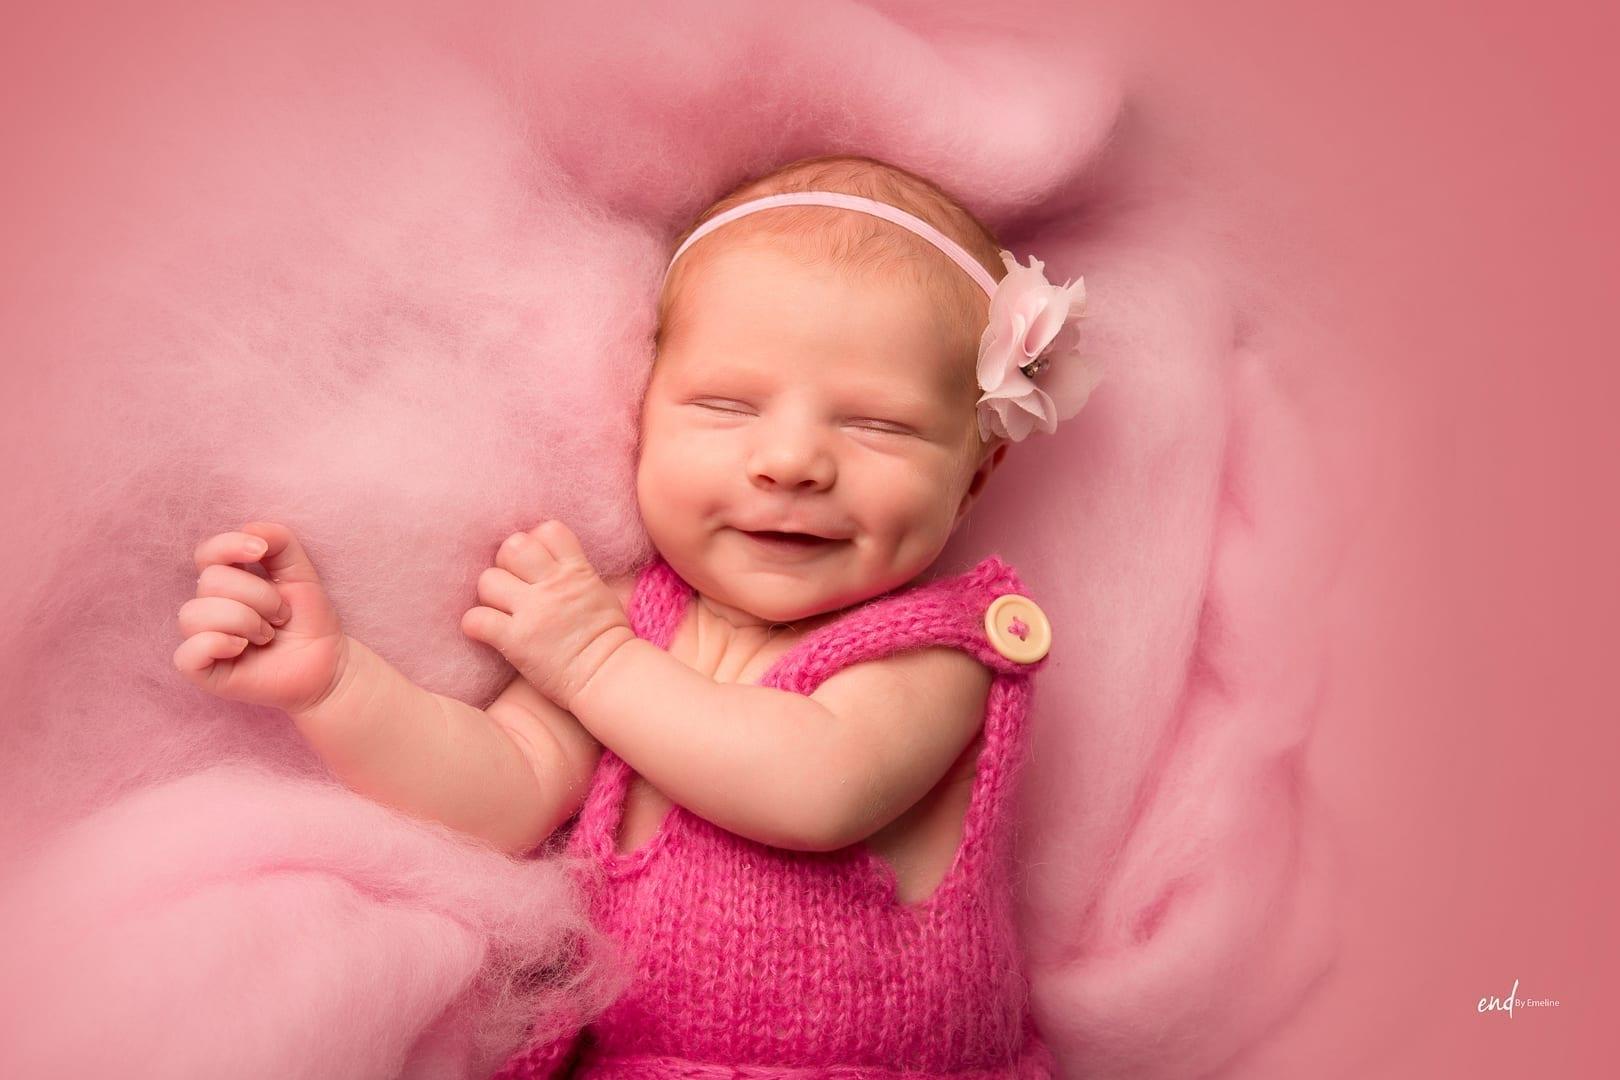 Photo d'un bébé fille, réalisée par Emeline DELSAUT à Naucelle près de Rodez